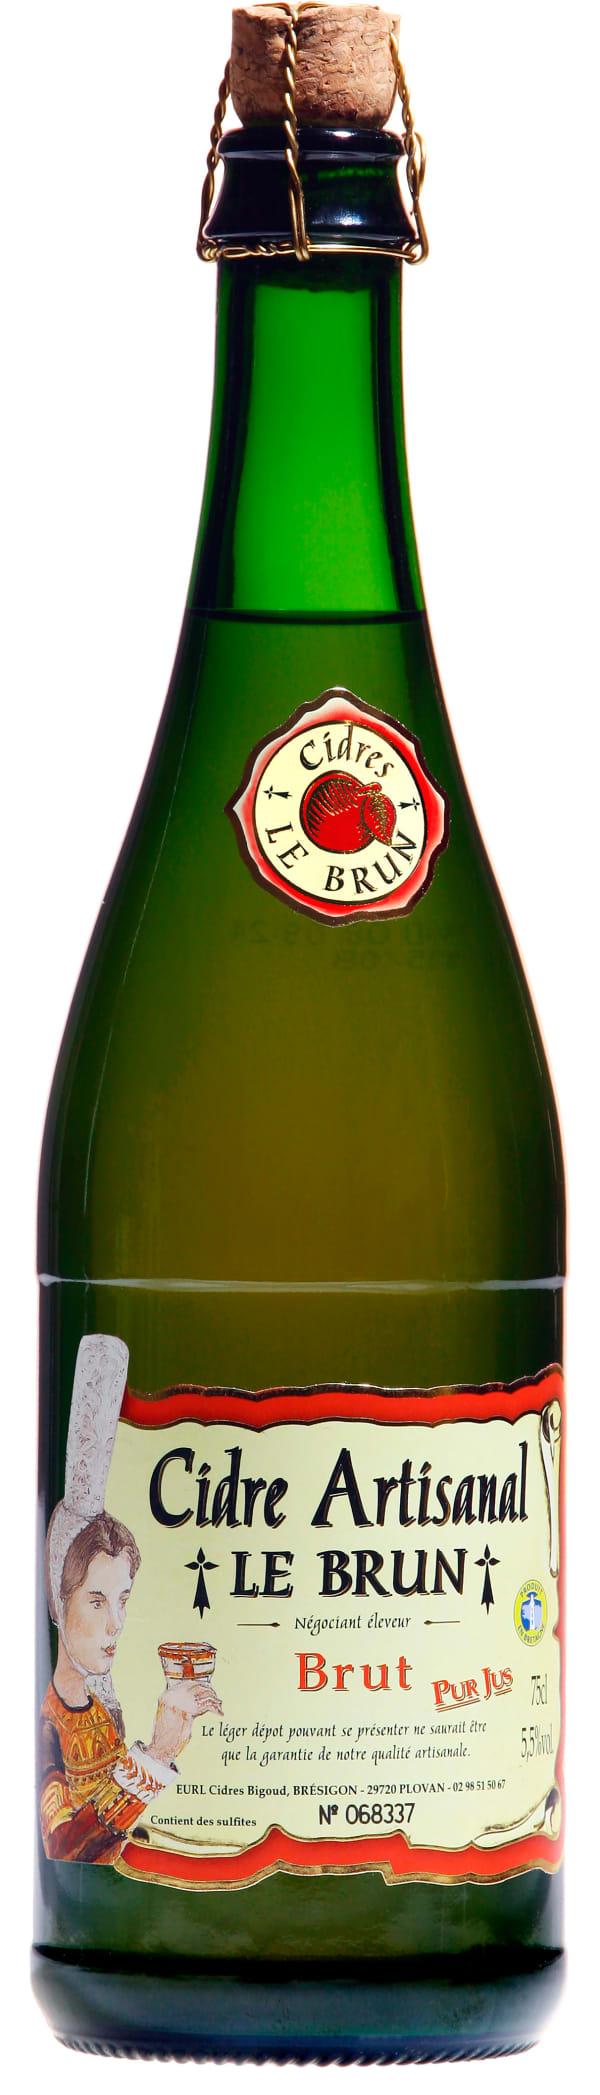 Le Brun Cidre Artisanal Brut